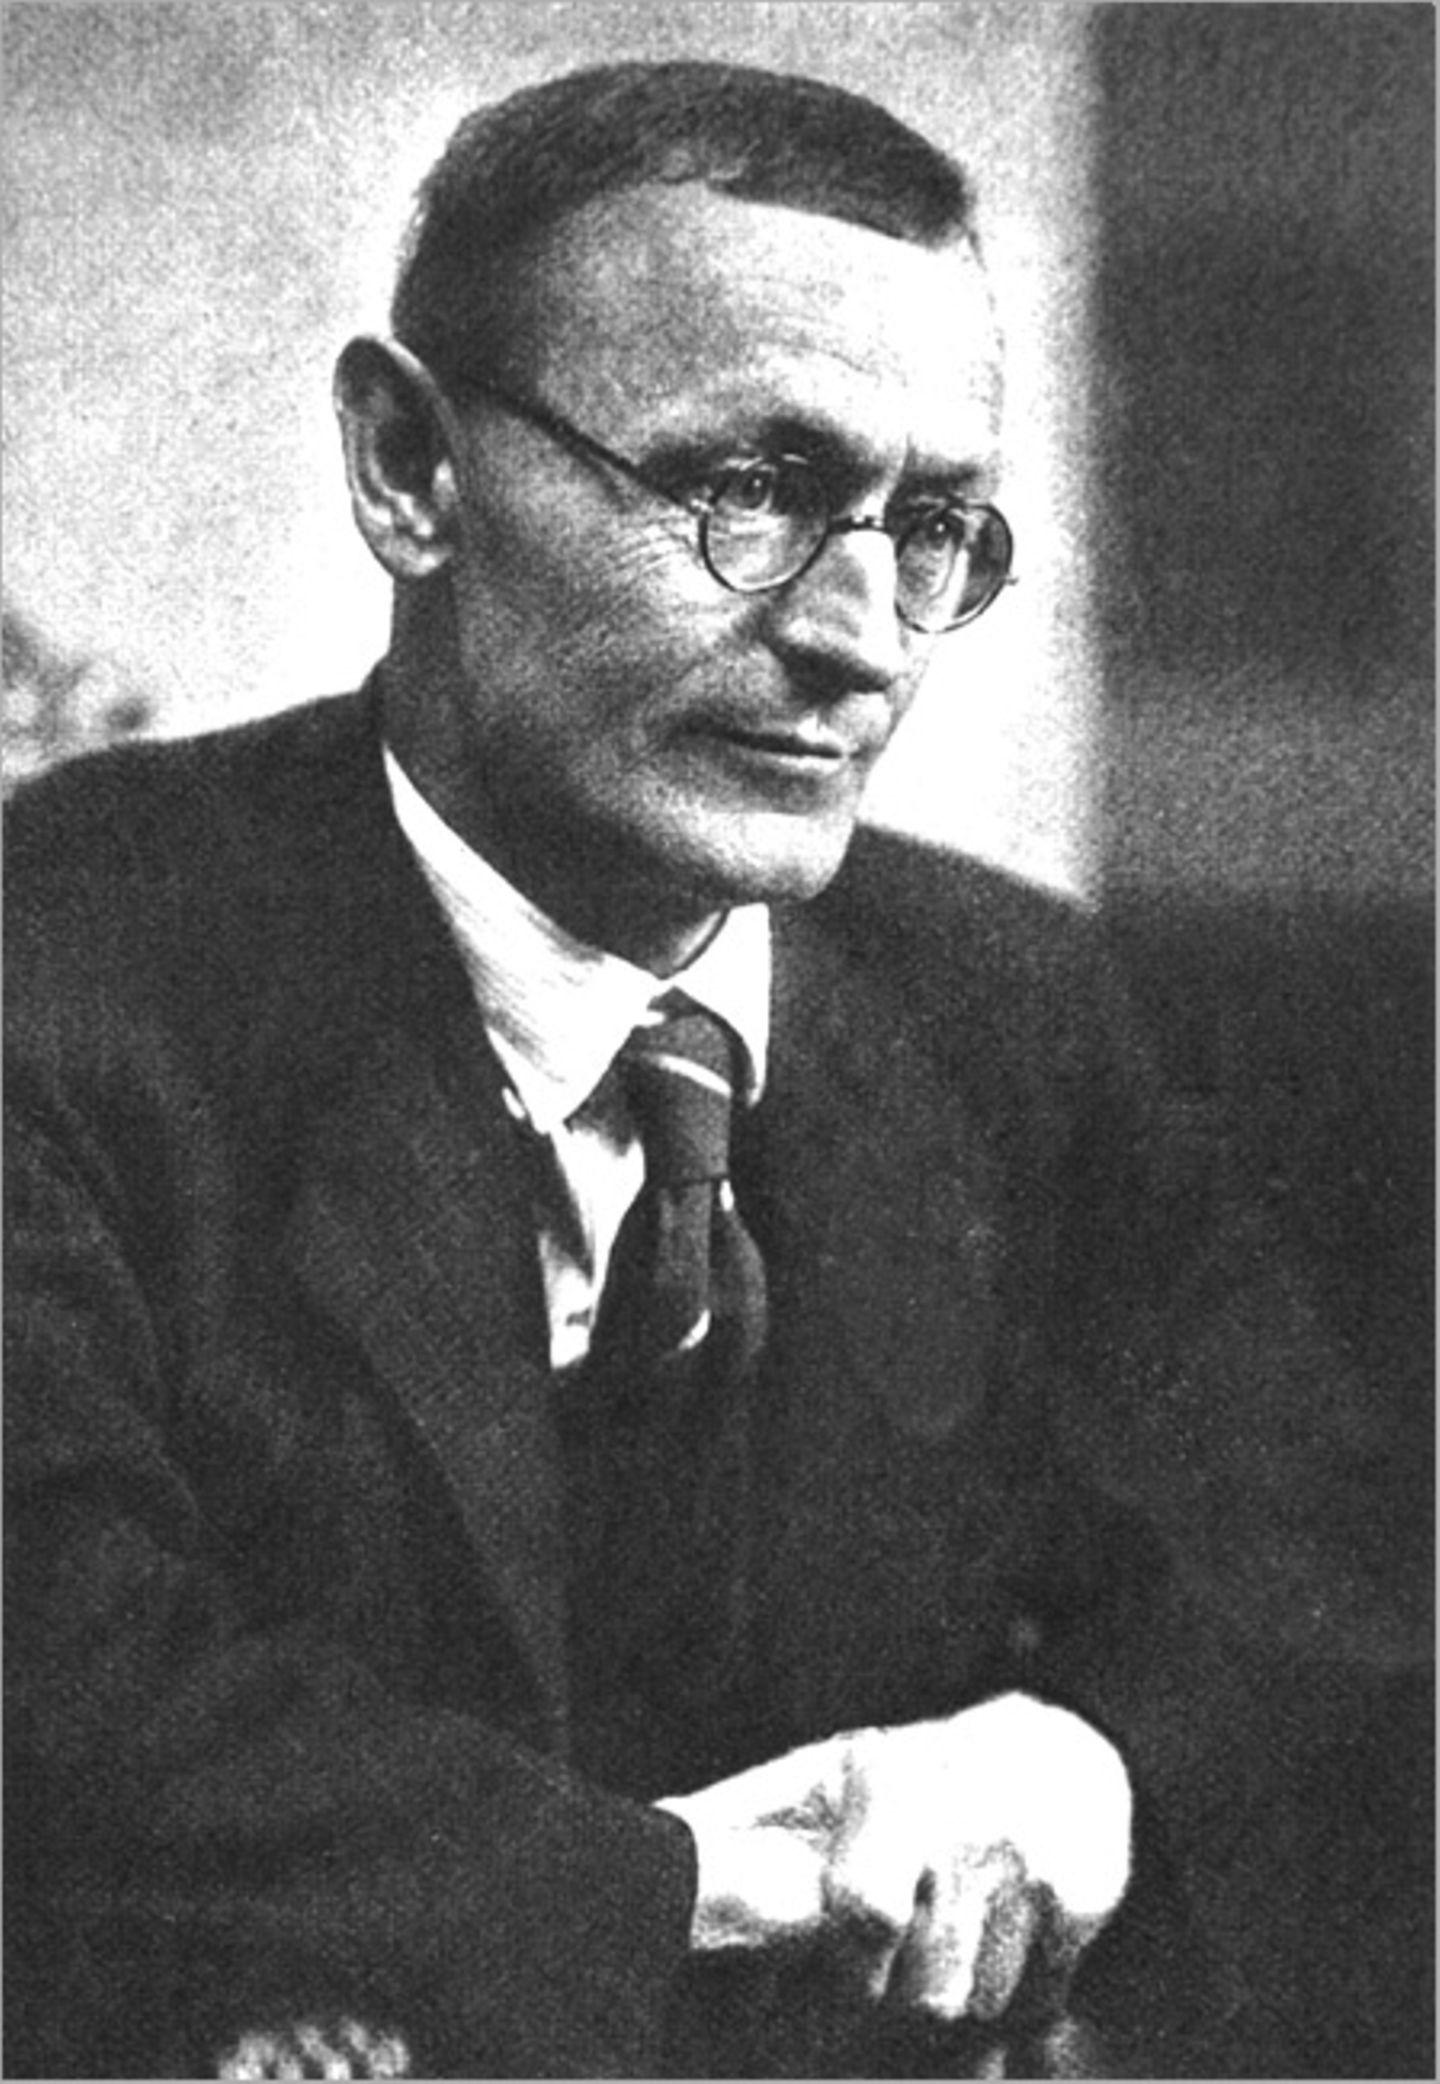 Weltveränderer: Hermann Hesse erhielt den Nobelpreis für Literatur